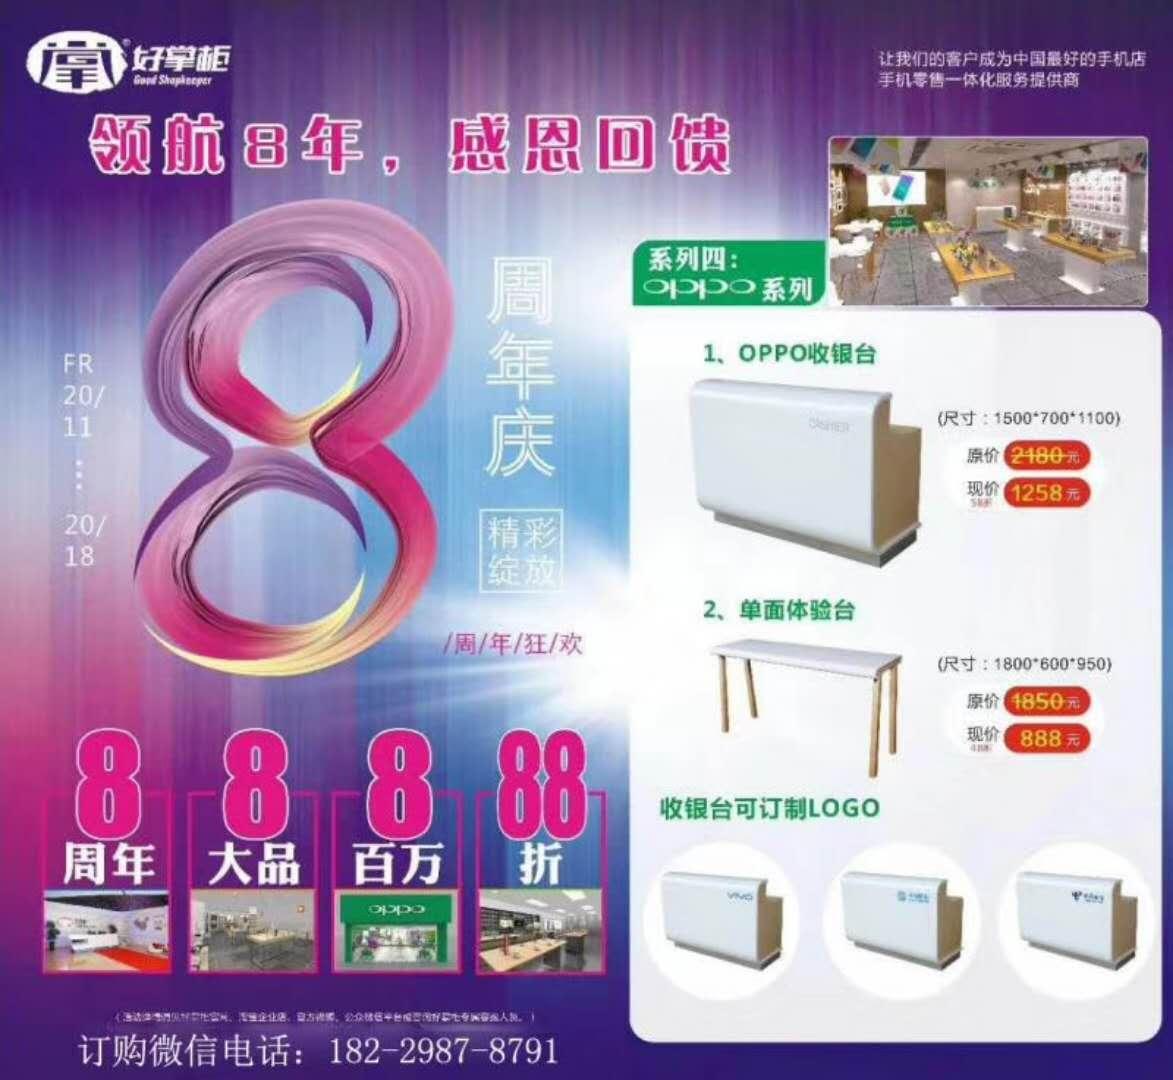 oppo木质收银台手机柜台展示柜好掌柜厂家直销华为三星小米步步高